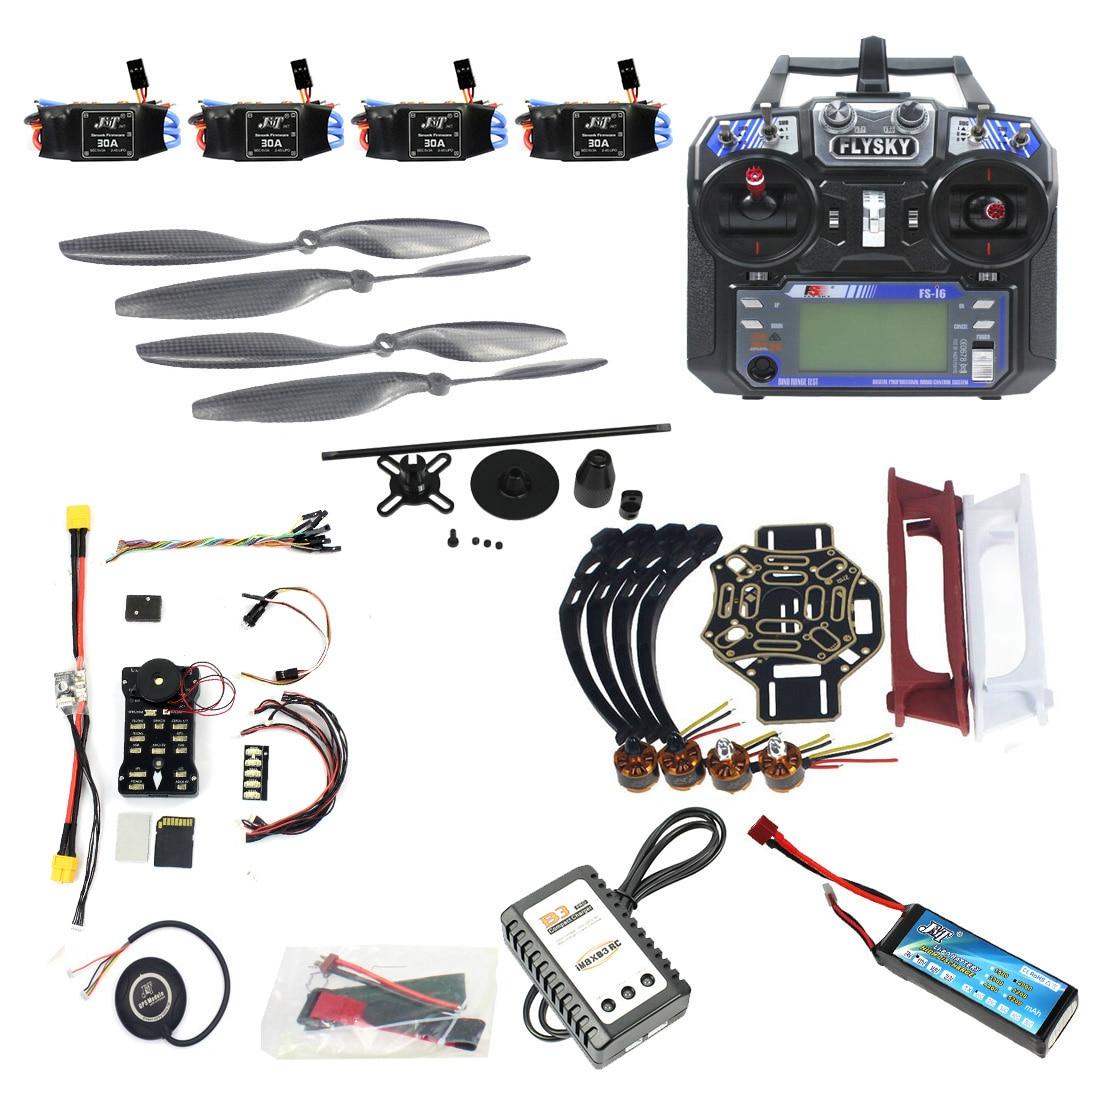 DIY FPV Drone Quadcopter 4-essieu Avions Kit 450 Cadre PXI PX4 Vol Contrôle 920KV Moteur GPS FS-i6 Émetteur